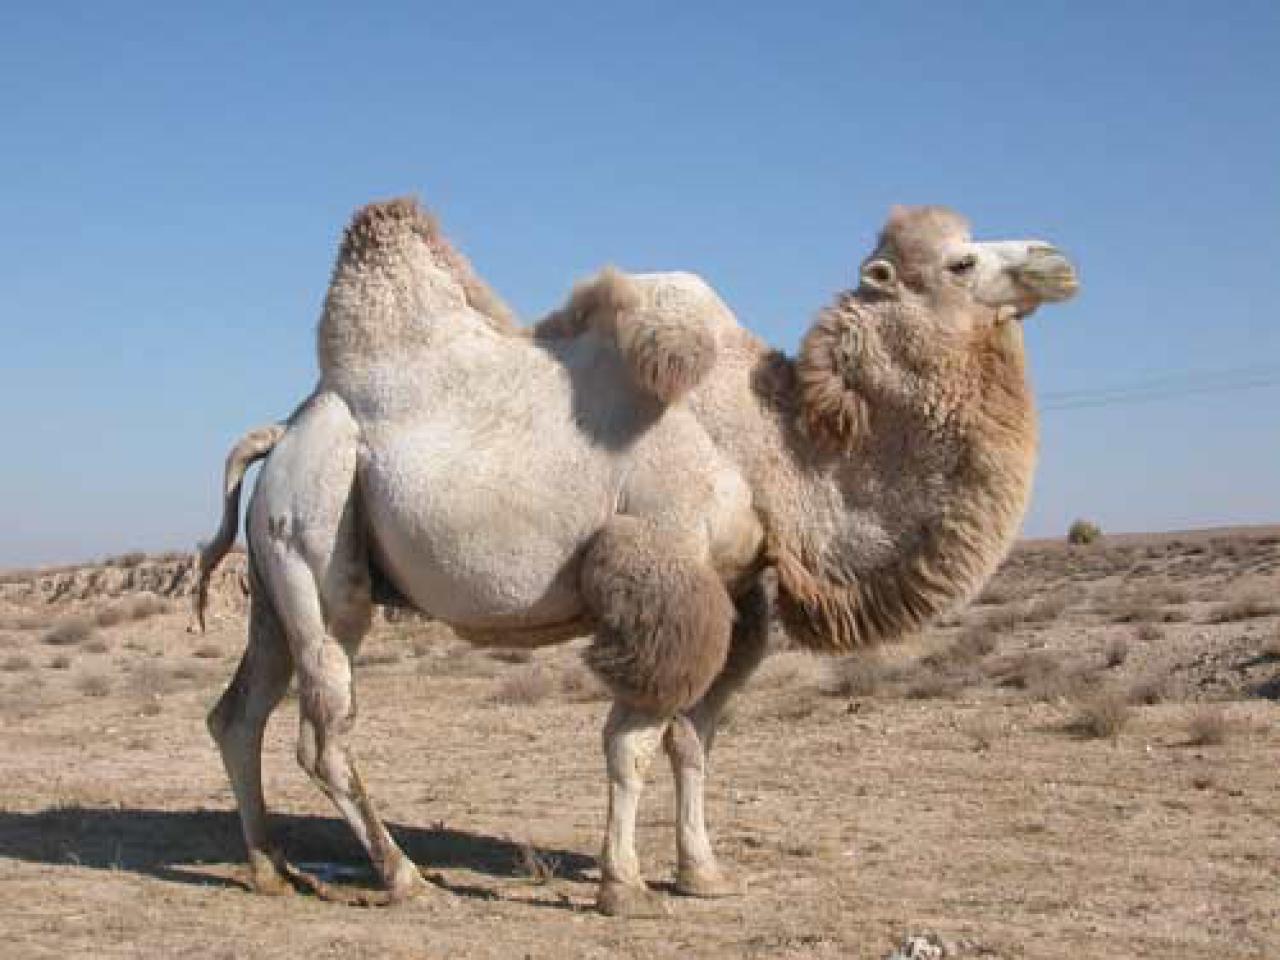 Для чего нужен верблюду горб. как объяснить ребенку 3-5 лет зачем верблюду горбы | интересные факты